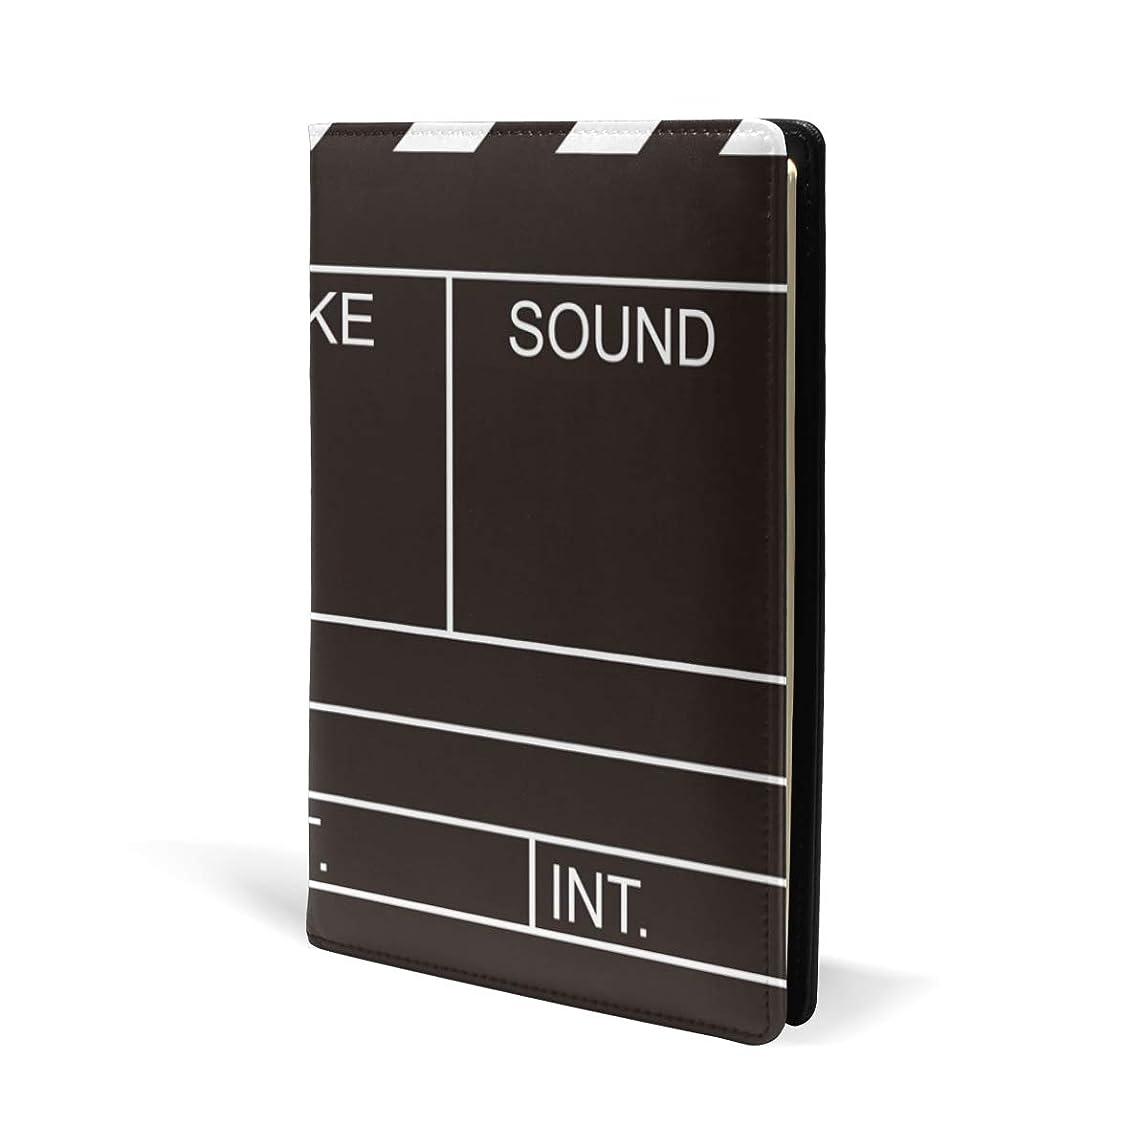 ボール印象的すべてブックカバー a5 白黒 映画 きれい 文庫 PUレザー ファイル オフィス用品 読書 文庫判 資料 日記 収納入れ 高級感 耐久性 雑貨 プレゼント 機能性 耐久性 軽量